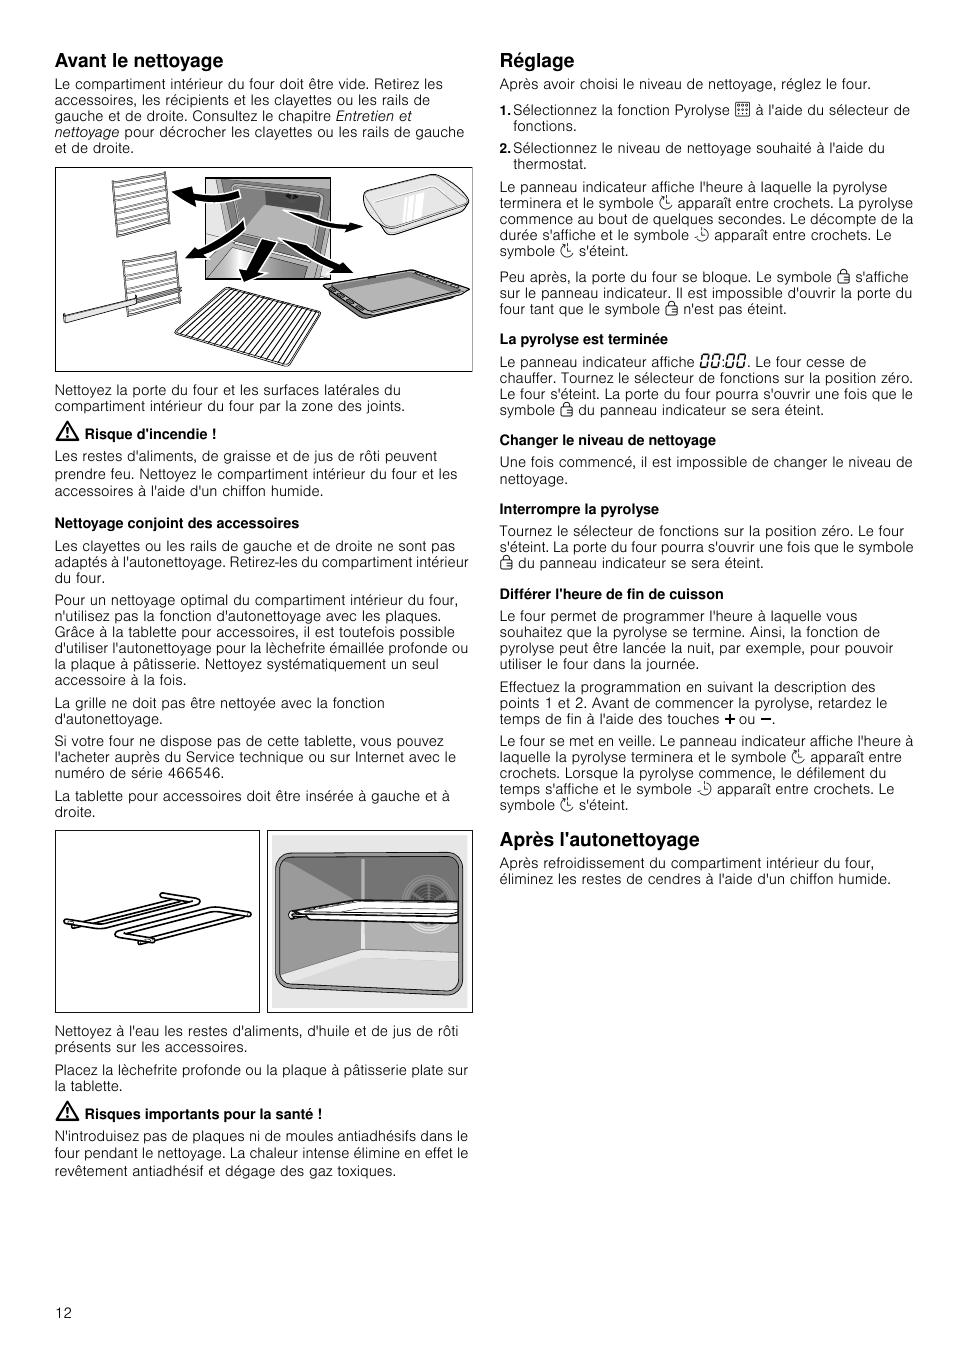 avant le nettoyage risque d 39 incendie nettoyage conjoint des accessoires bosch hba63b222f. Black Bedroom Furniture Sets. Home Design Ideas